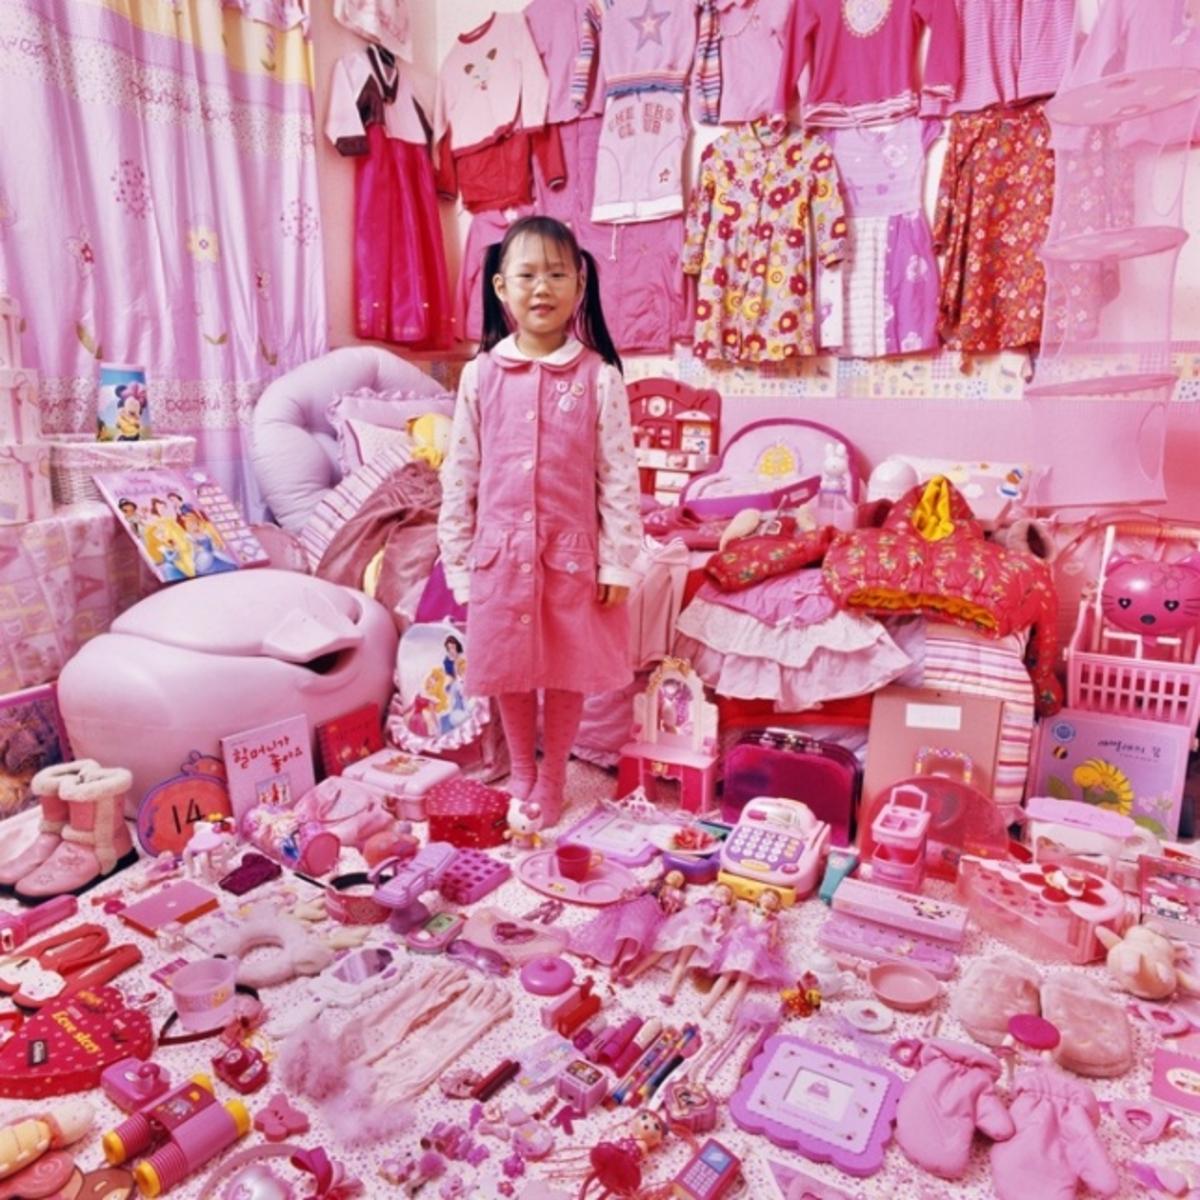 Смотреть порно фото девочек с игрушками 23 фотография